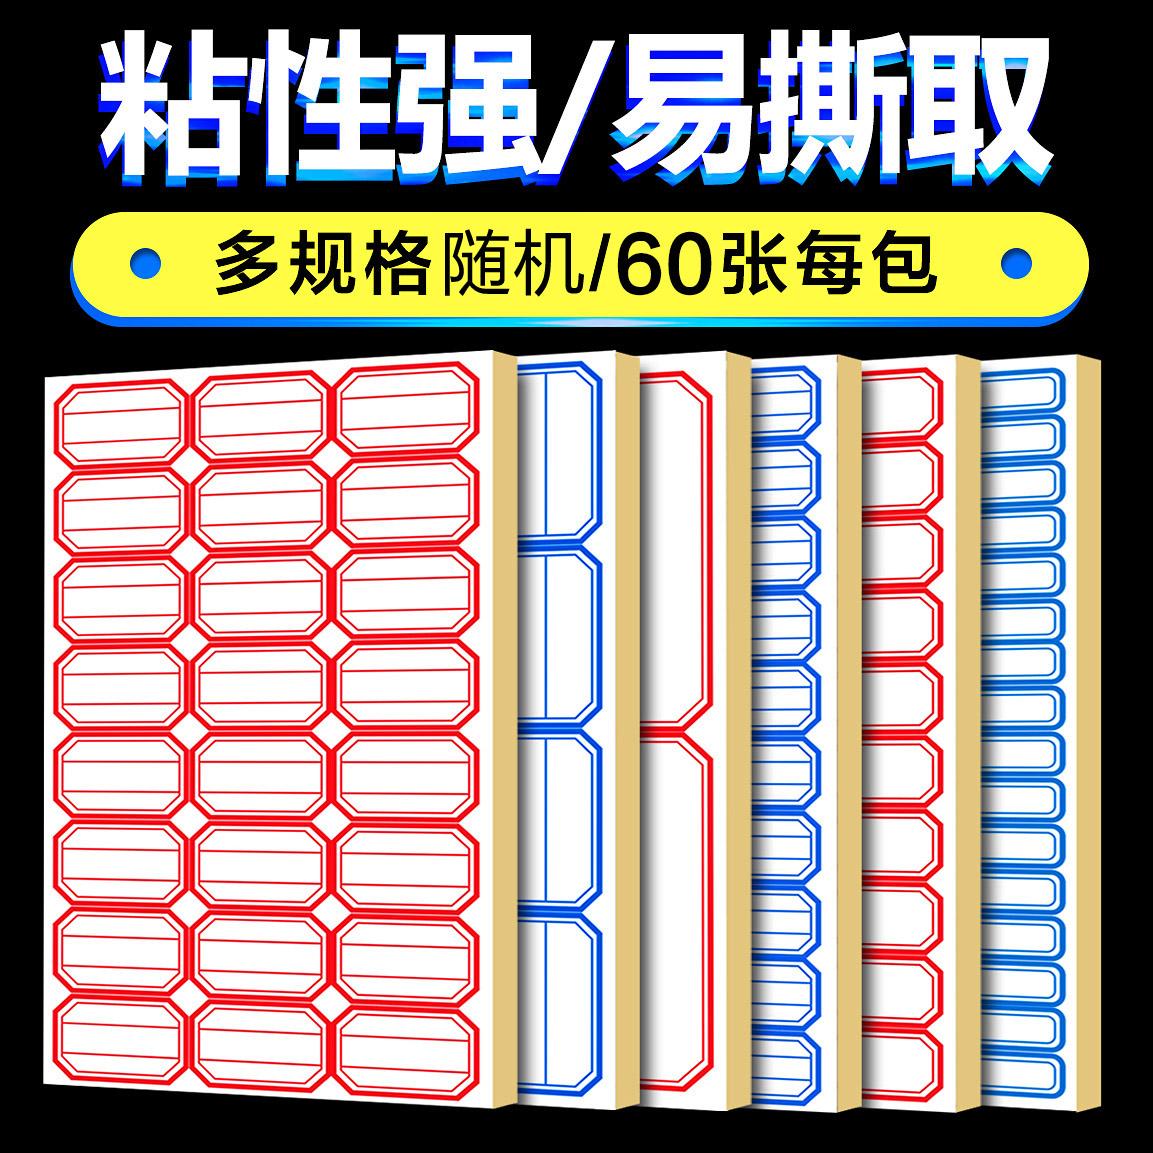 天猫商城 白菜商品汇总(正彩 平面标签纸 60张 2.8元包邮)